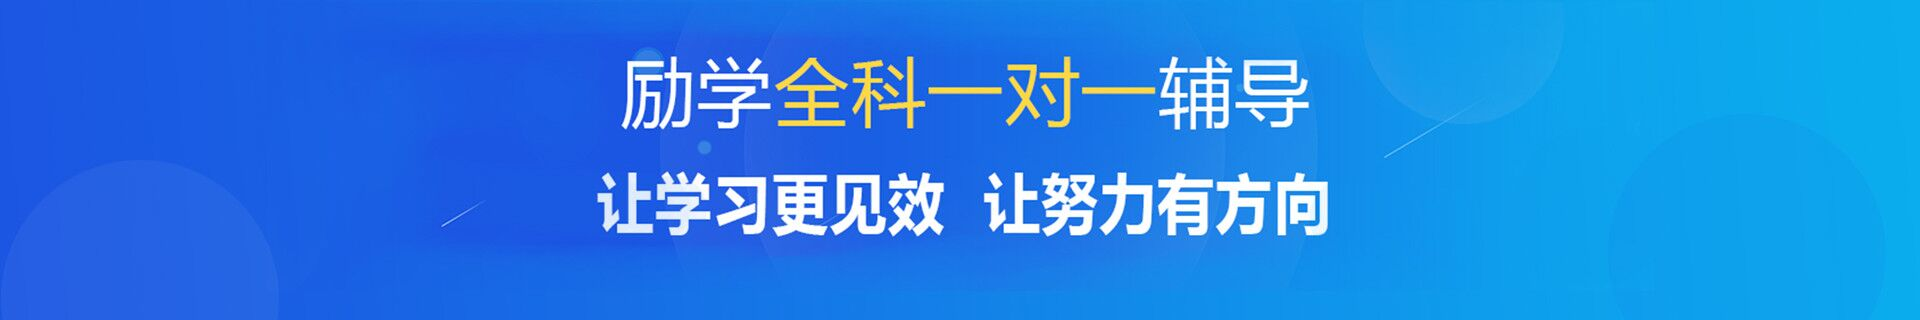 郑州中原区励学中小学辅导培训